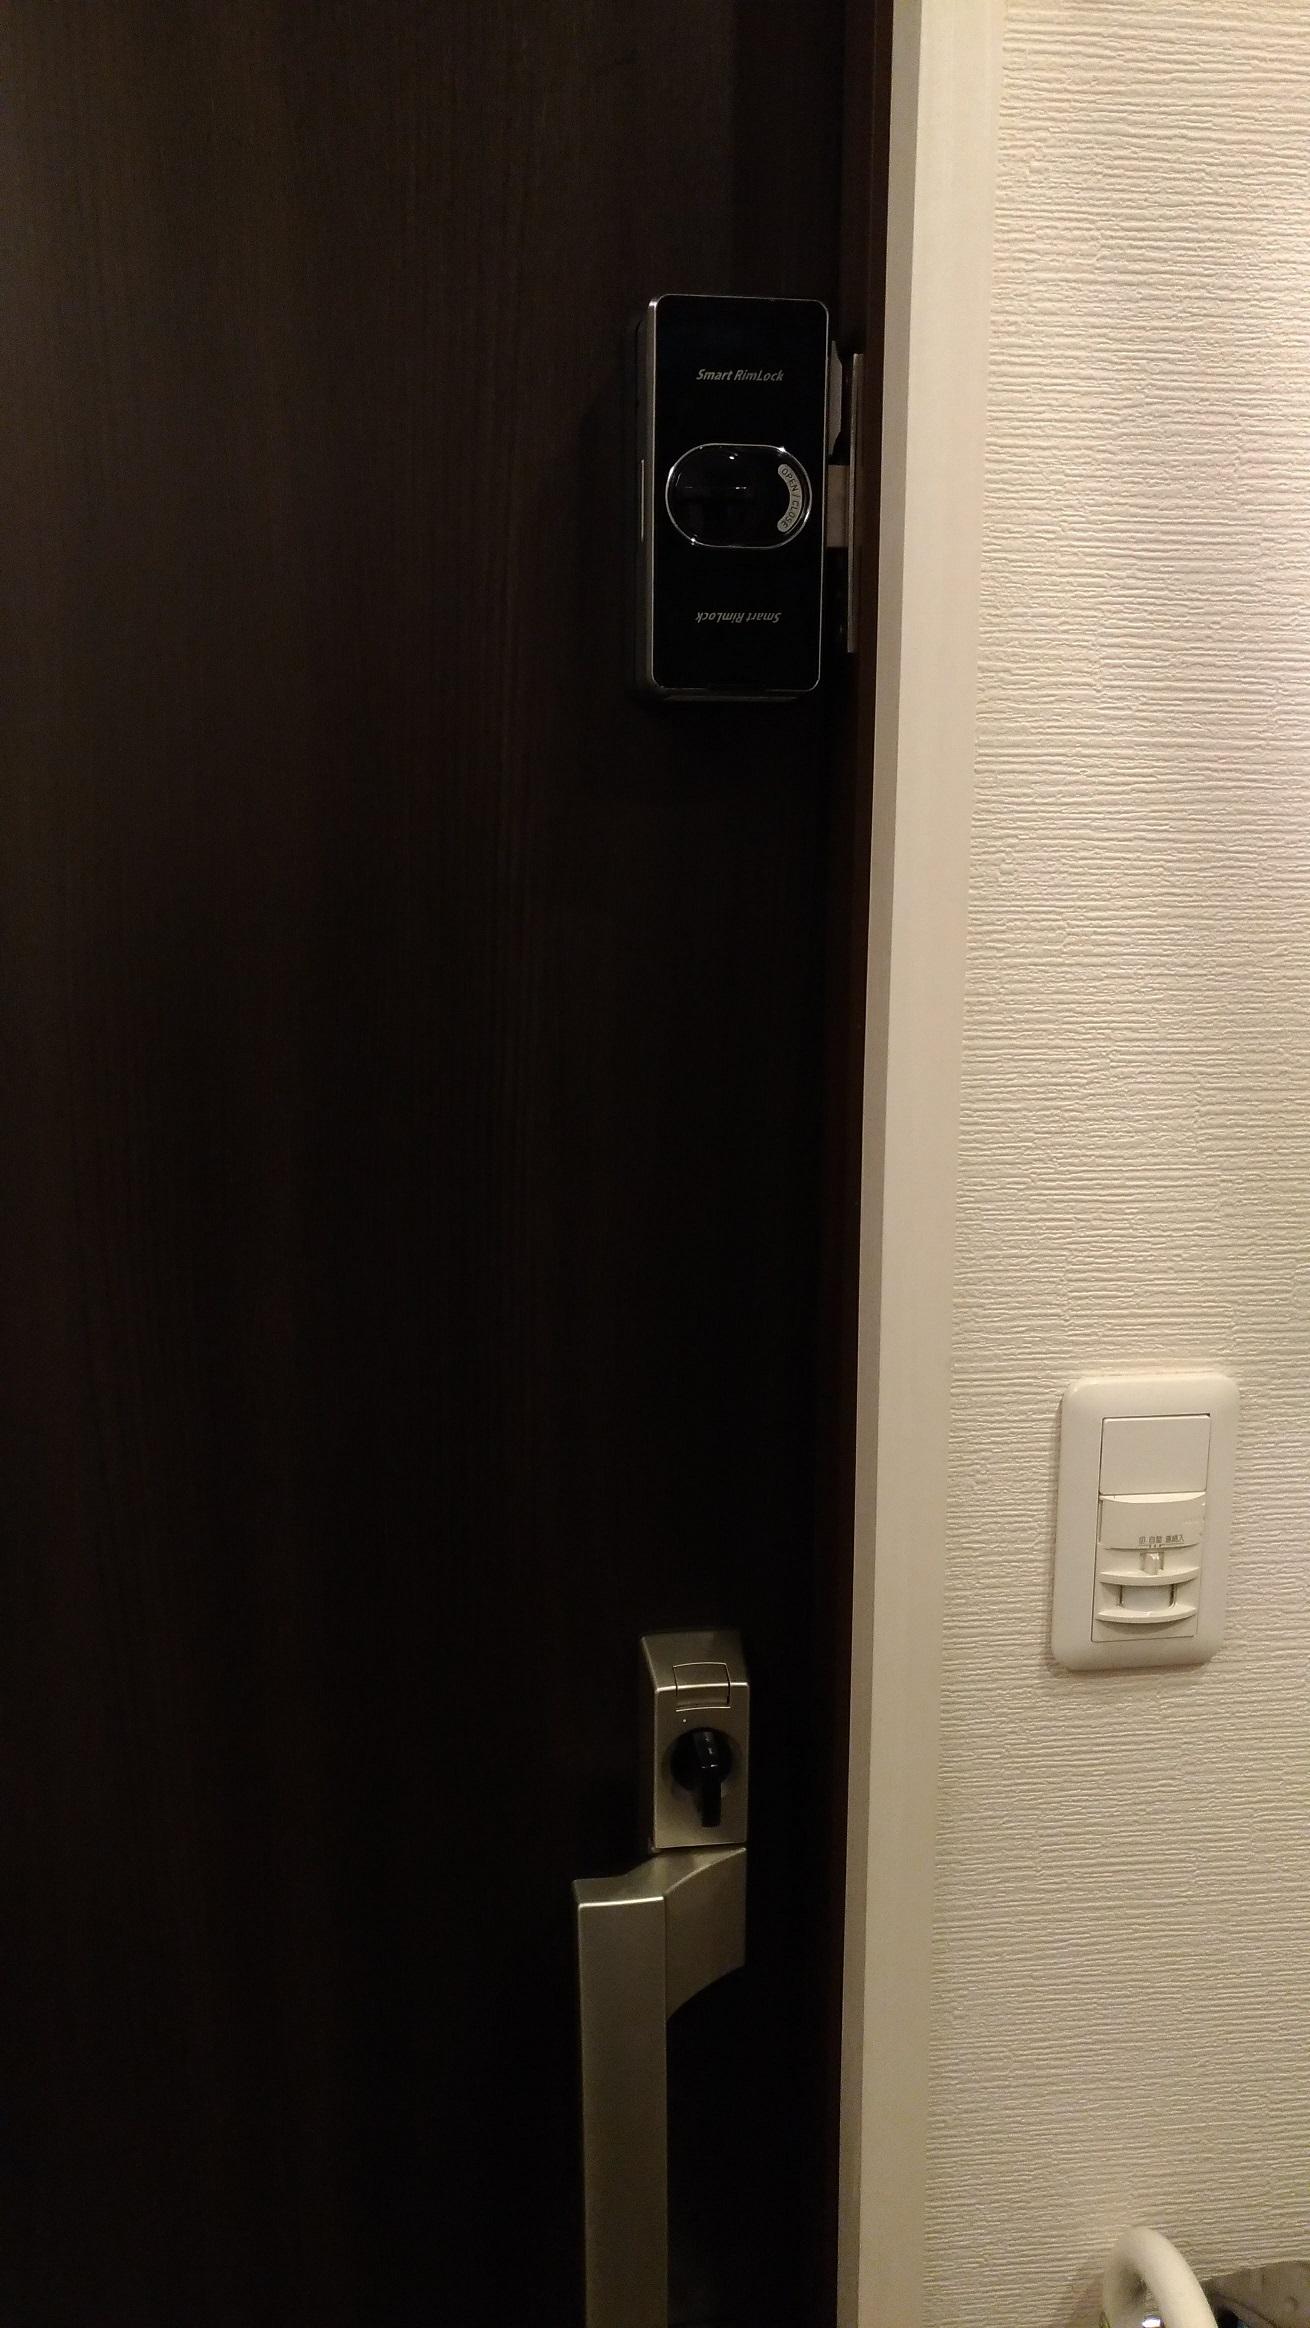 自動施錠と手動施錠を選べます。